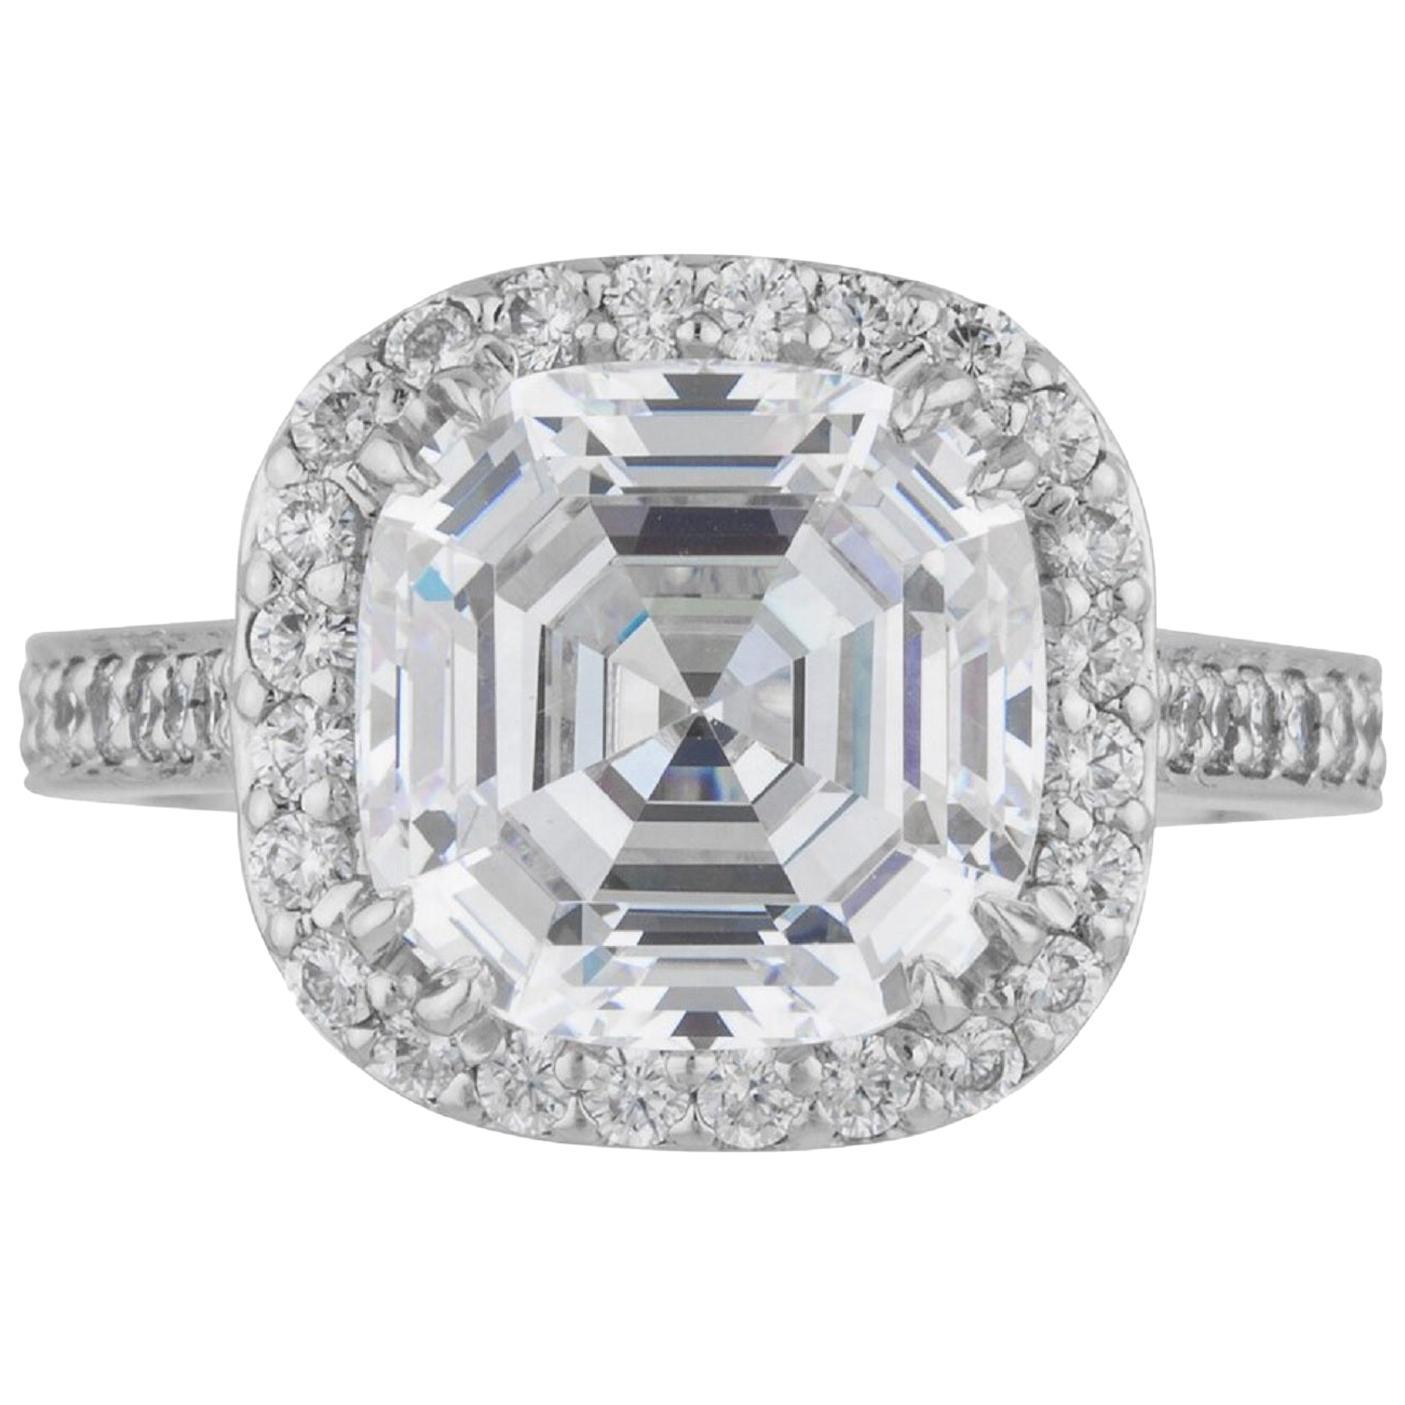 GIA Certified 6 Carat Asscher Cut Diamond Ring VVS